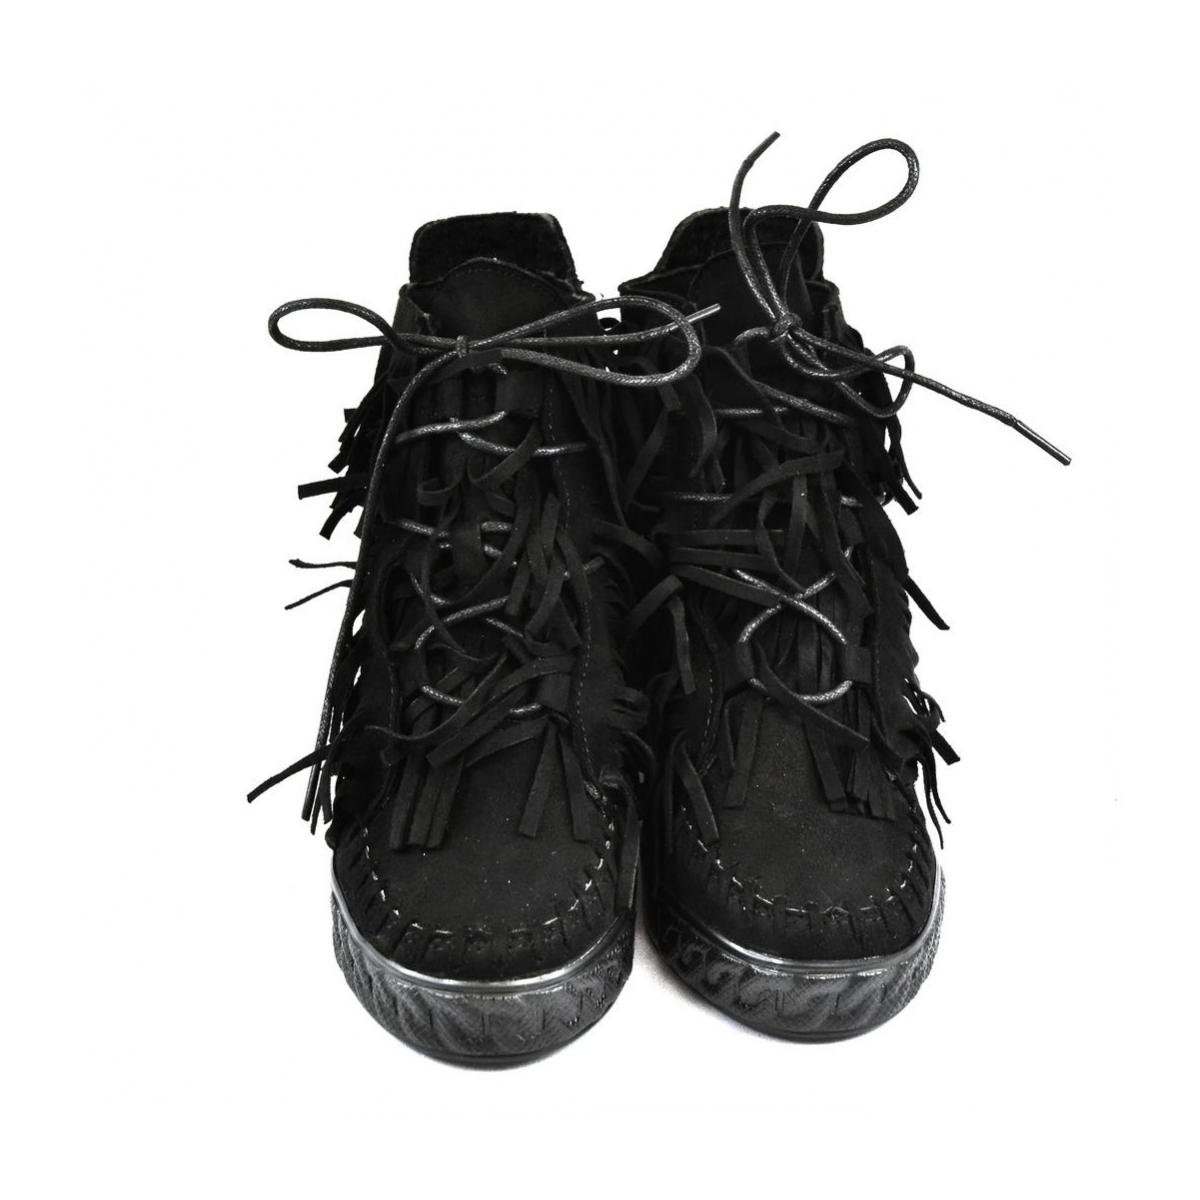 Dámske čierne vysoké tenisky CHEW - 3 2b65f1351e9